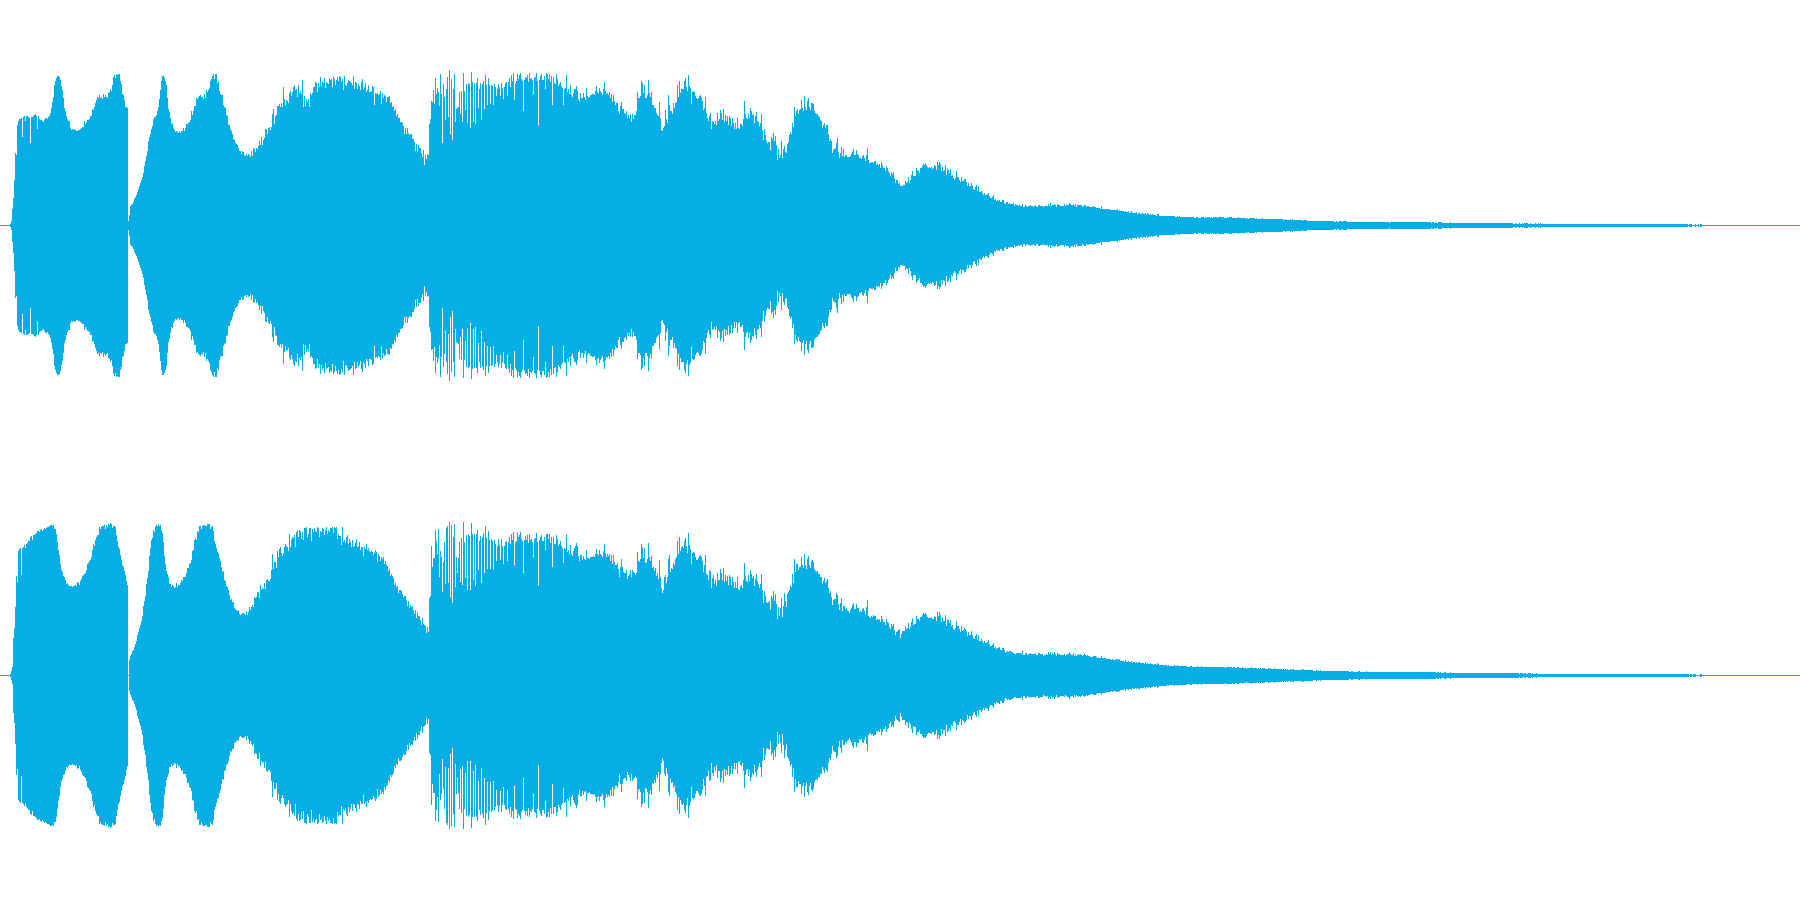 ピュウピューン(素早く去っていく音)の再生済みの波形